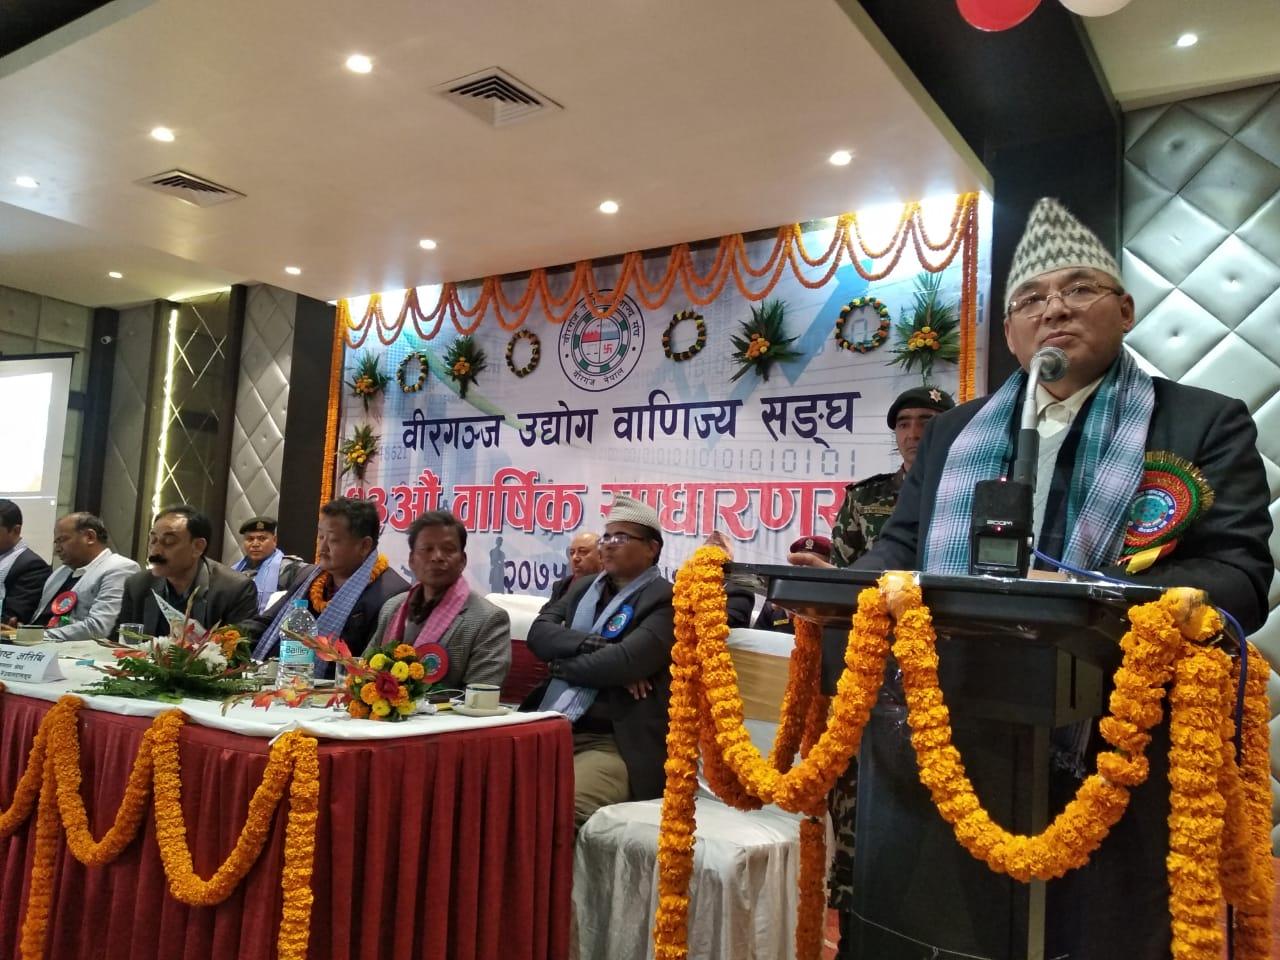 वीरगंज रेल मार्गमा जोडिएपछि नेपाल आर्थिक क्रान्तिको दिशामा अघि बढ्छ : गृहमन्त्री थापा